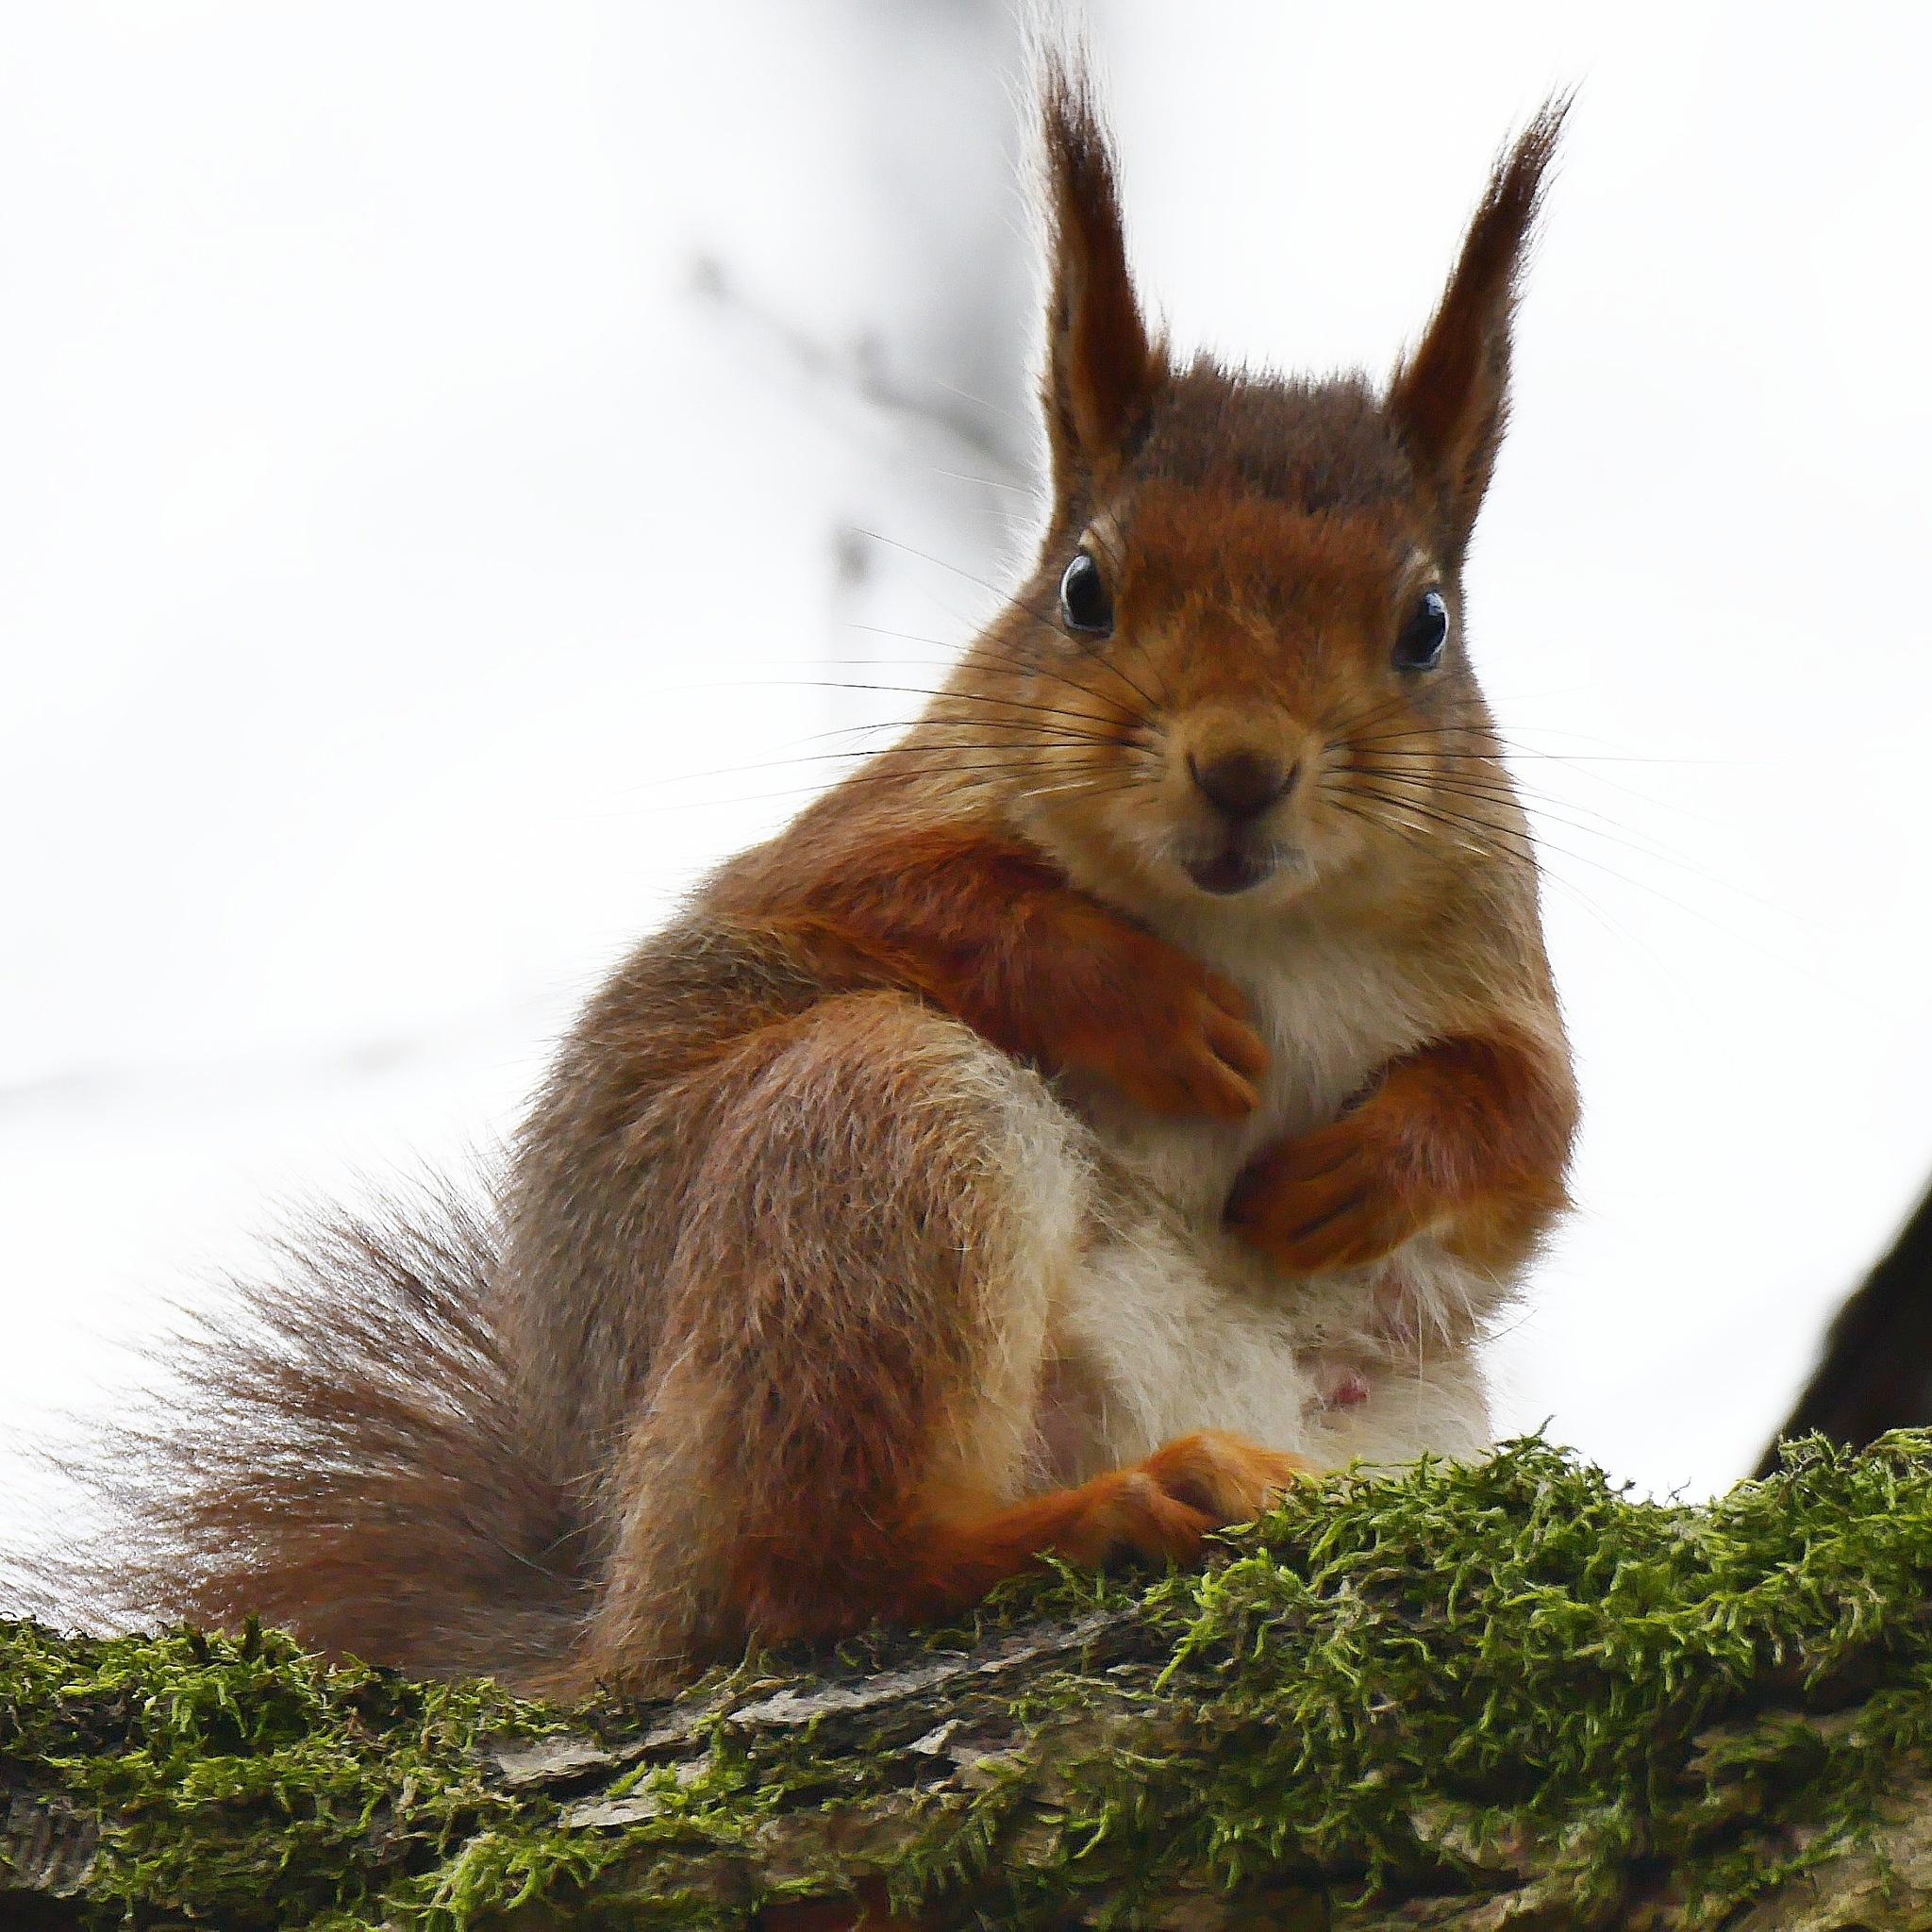 Squirrel of Sickla by Michael Boris